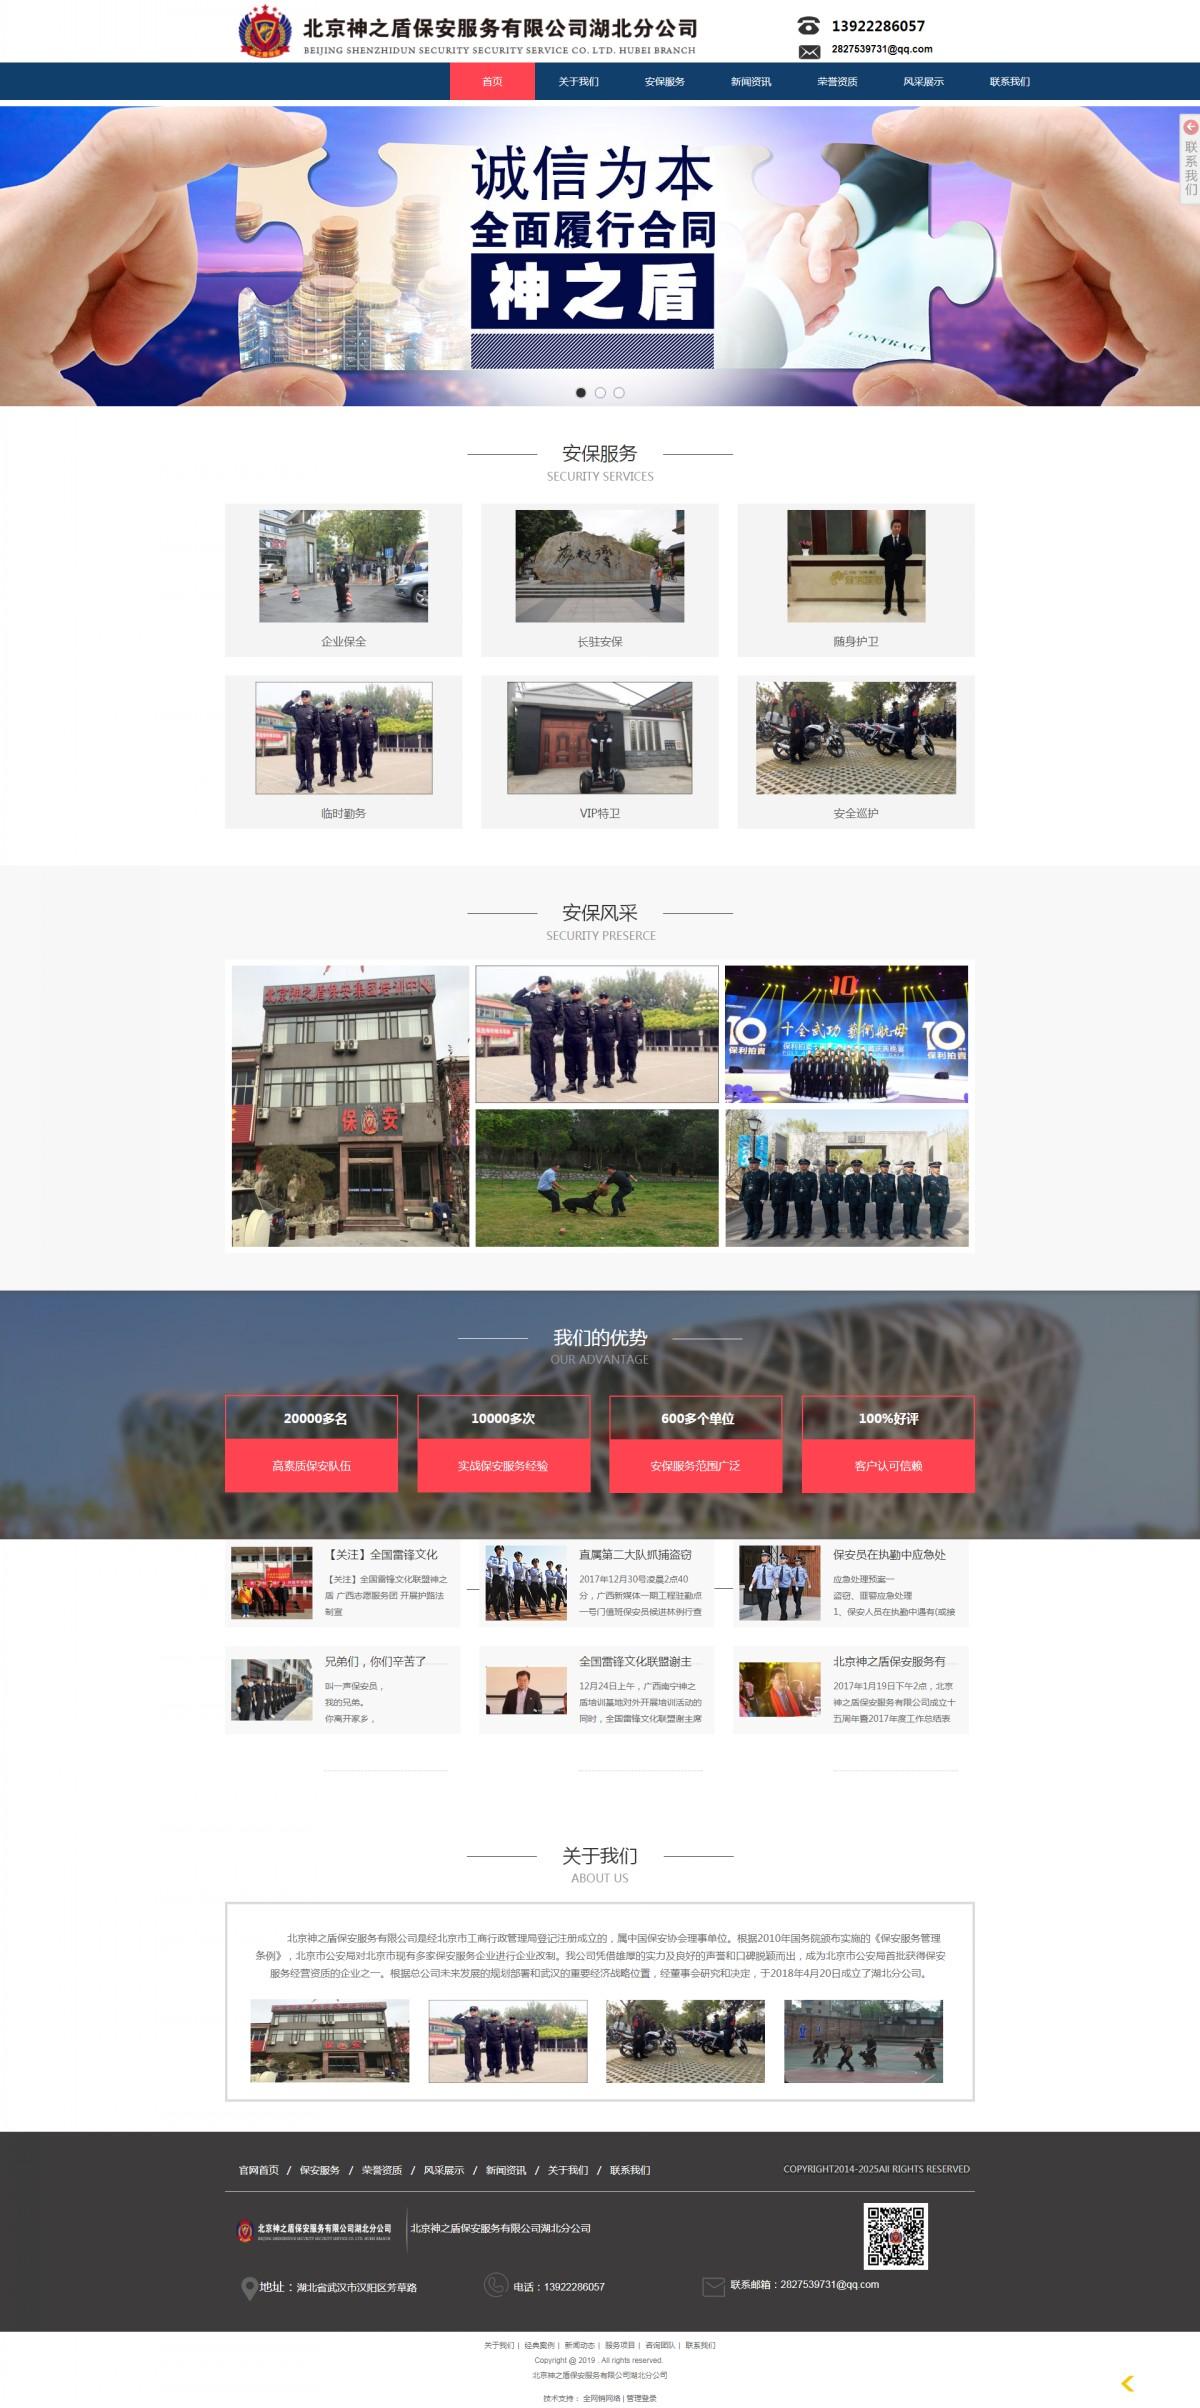 北京神之盾保安服务有限公司湖北分公司